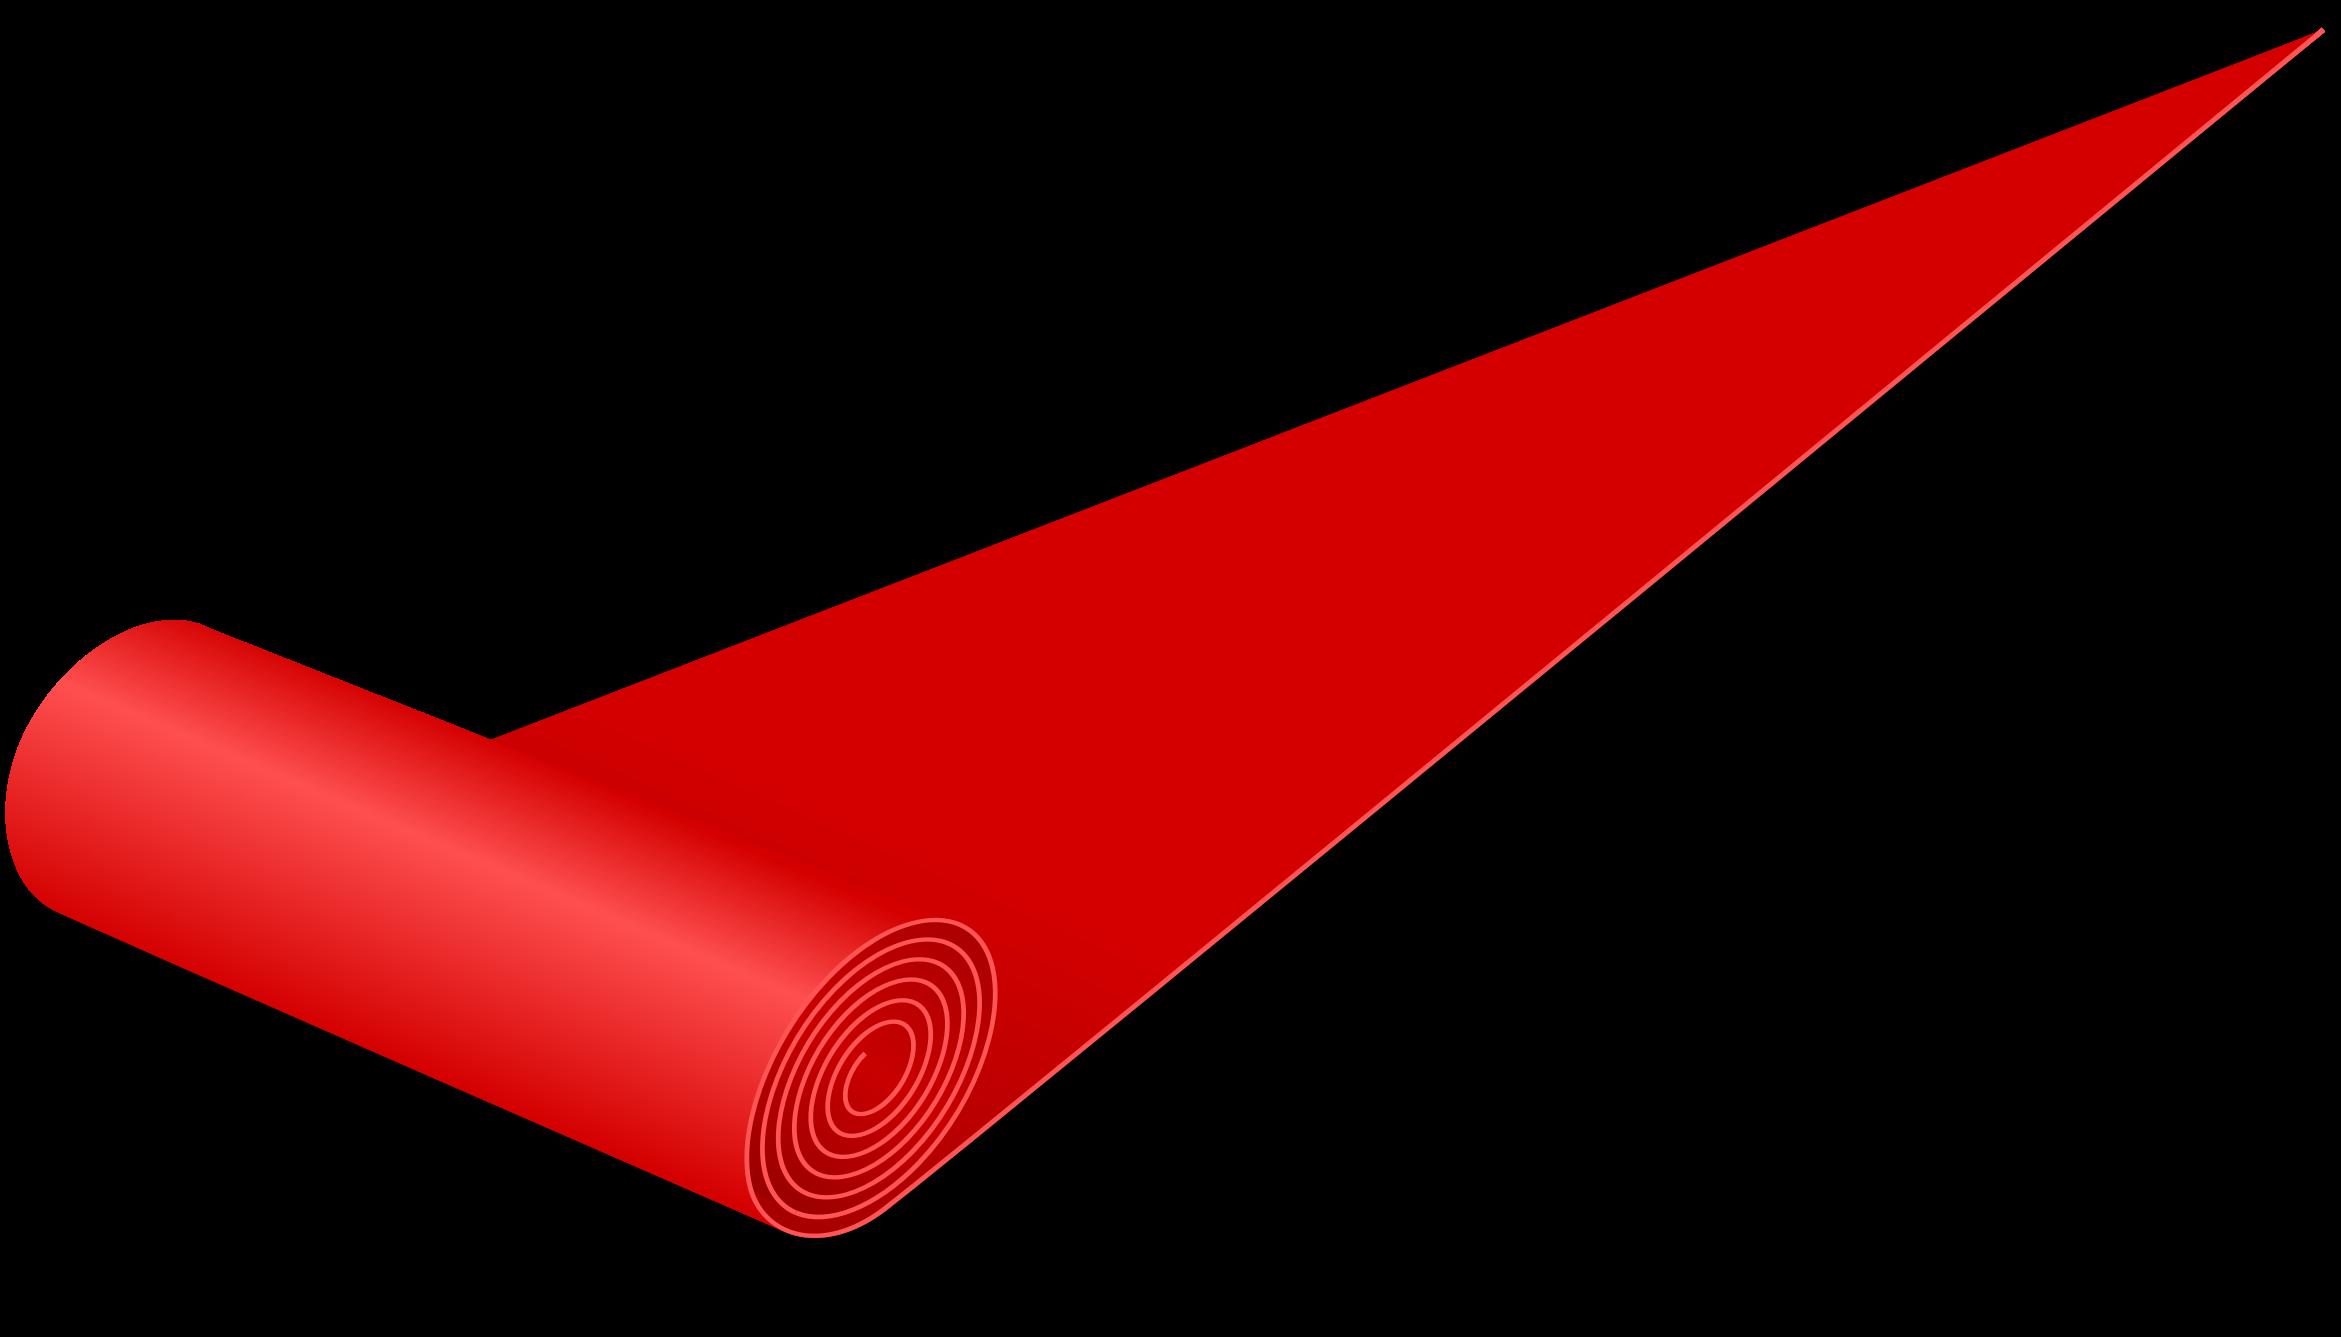 Red Carpet-Red Carpet-10